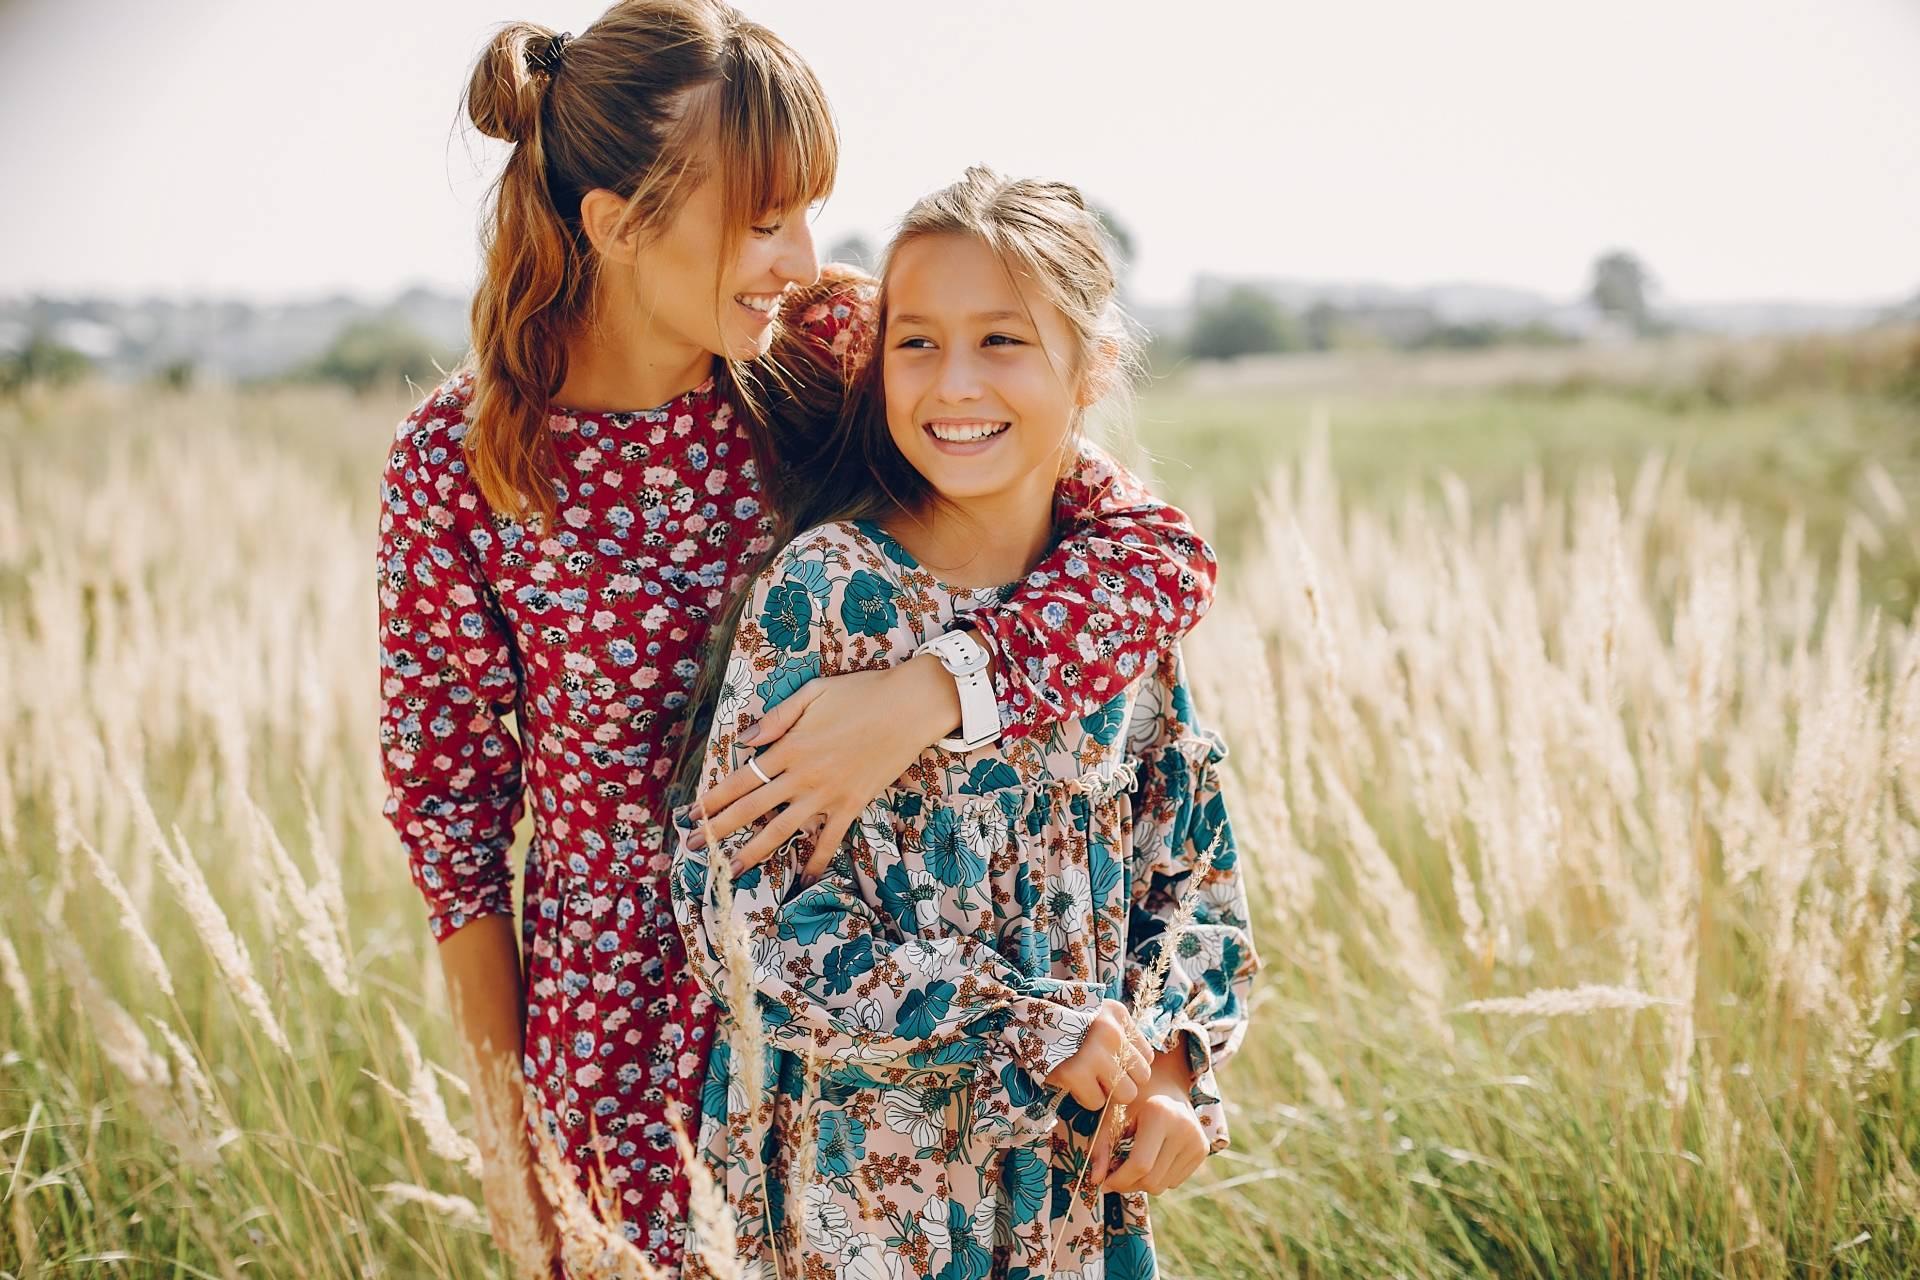 Alergia na pyłki - co musisz o niej wiedzieć? Przytulone mama i córka ubrane w kwieciste sukienki stoją w polu zbóż.